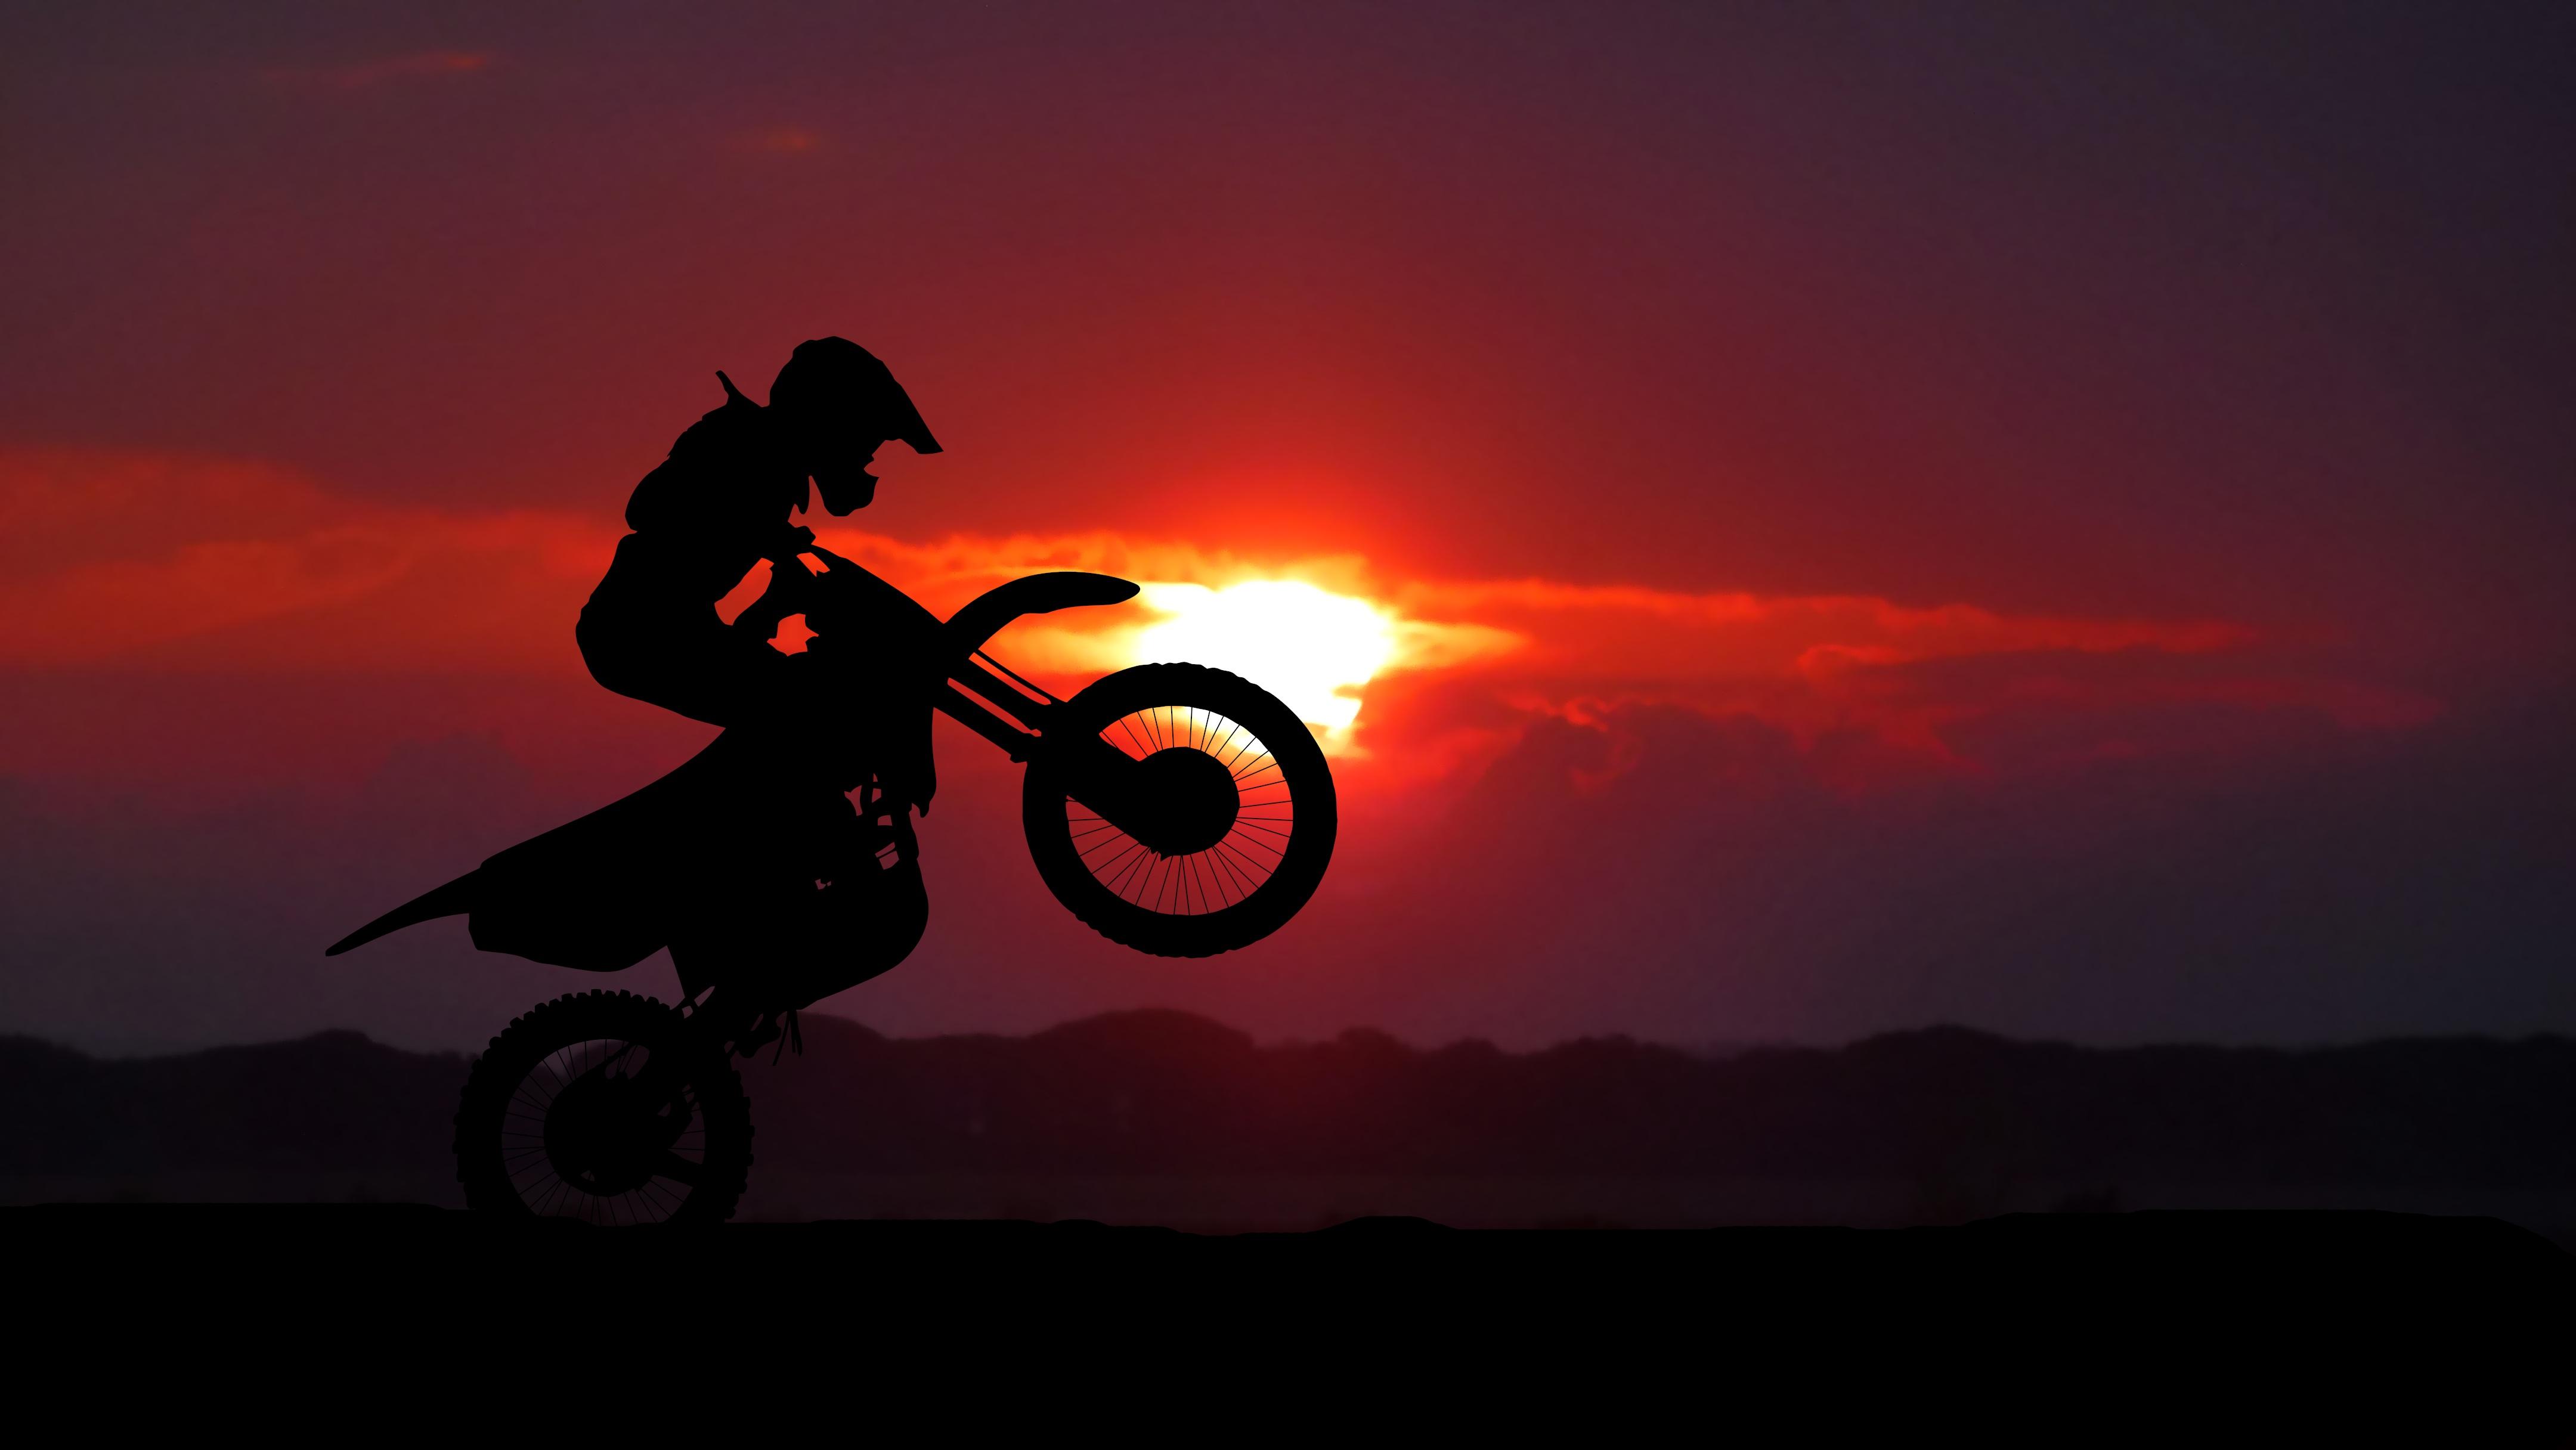 93131 скачать обои Мотоциклы, Мотоцикл, Мотоциклист, Кросс, Трюк, Силуэт, Закат - заставки и картинки бесплатно